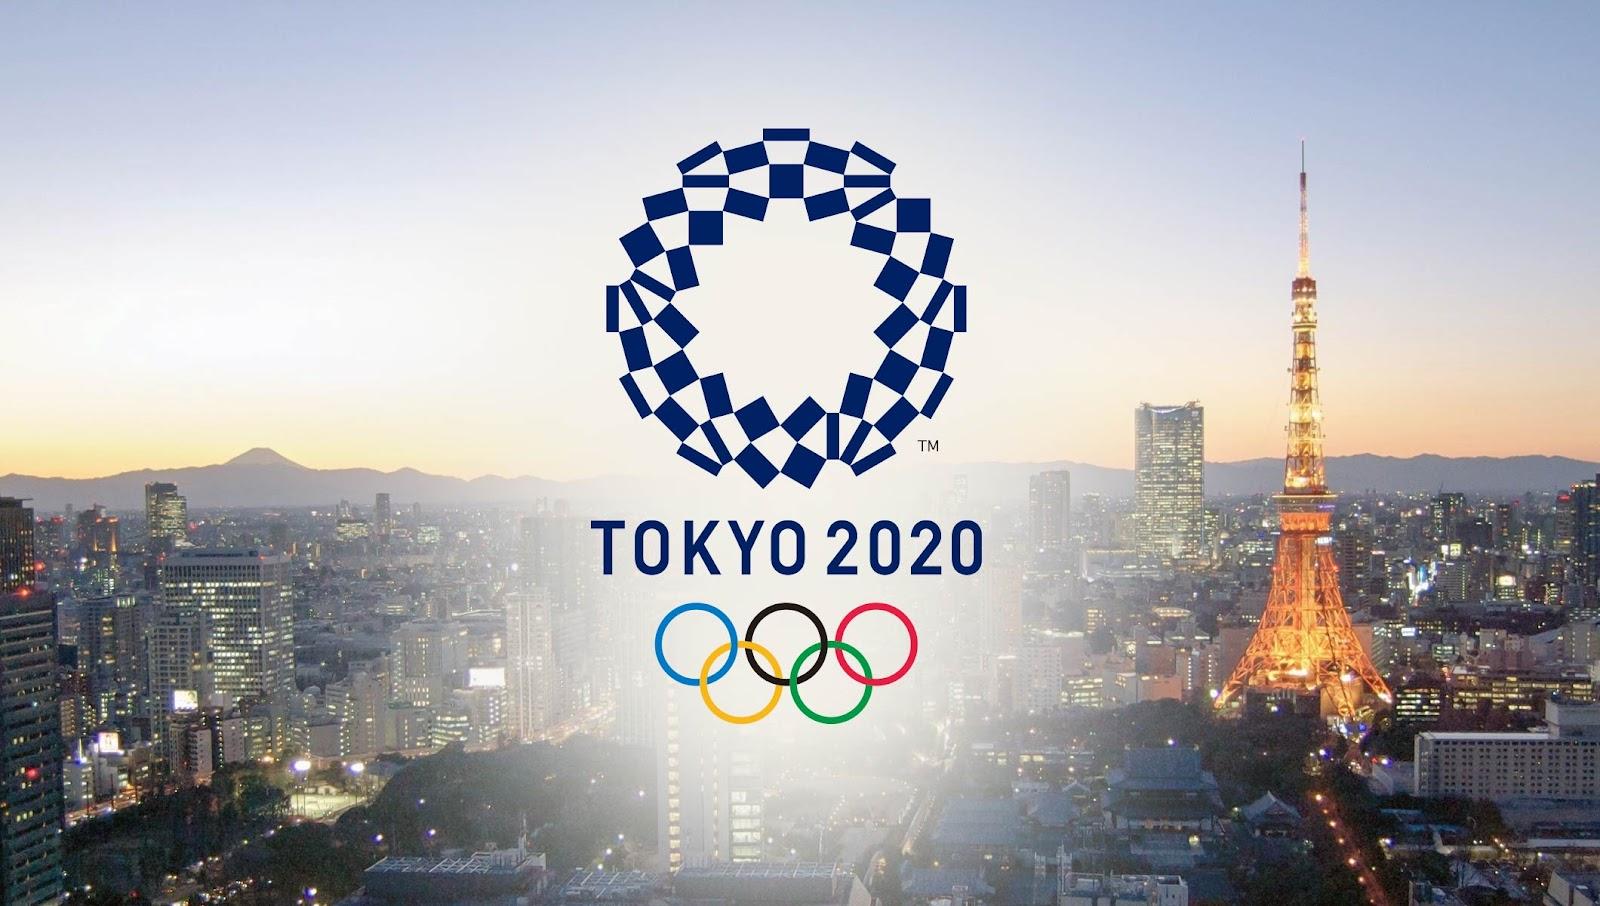 Programme de Tokyo 2020 : des épreuves plus jeunes, plus urbaines, avec  davantage de femmes - Actualité Olympique